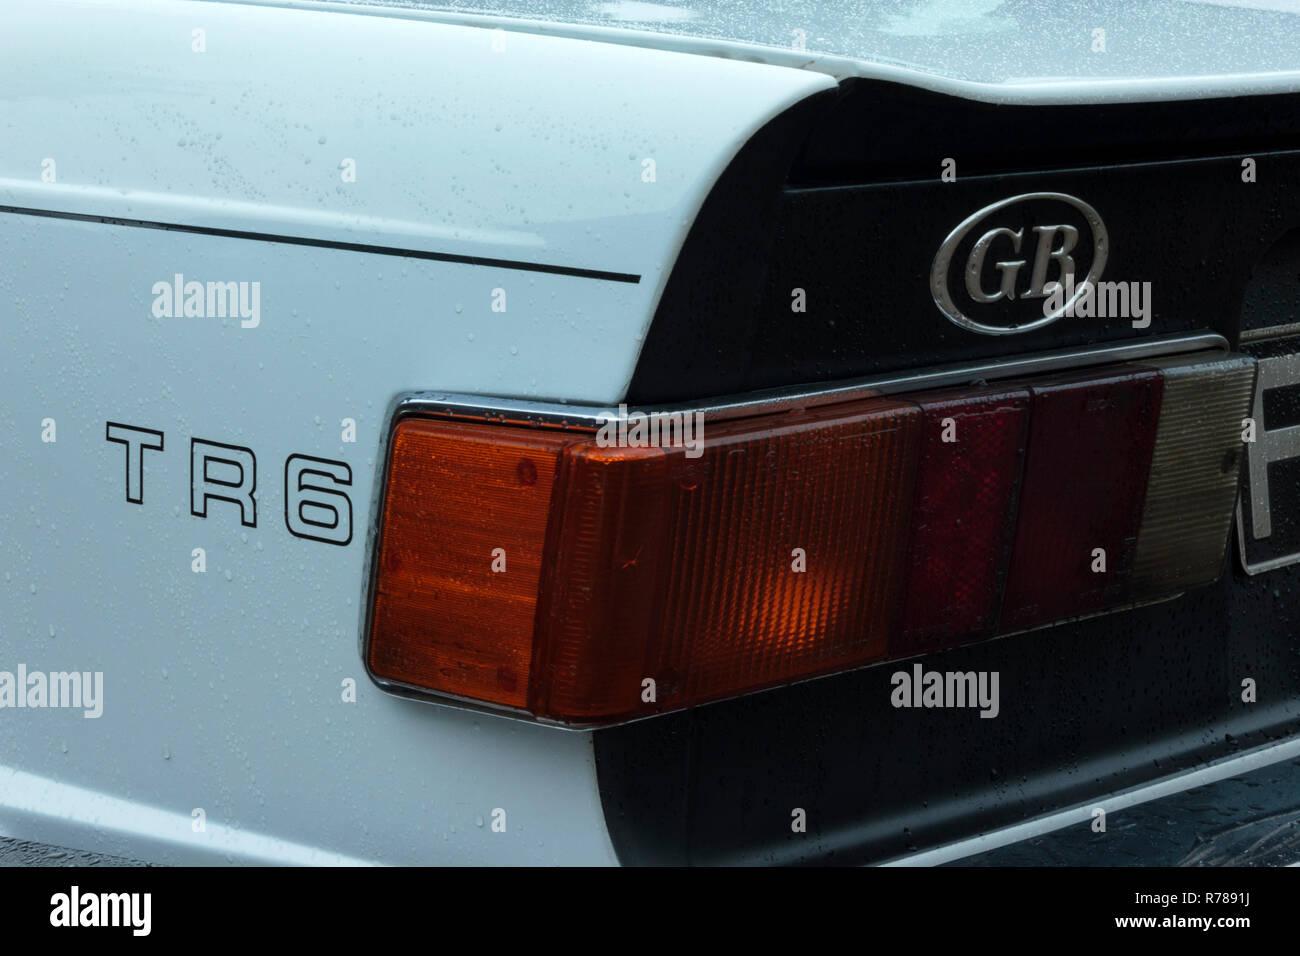 Triumph TR6 Rear Wing - Stock Image